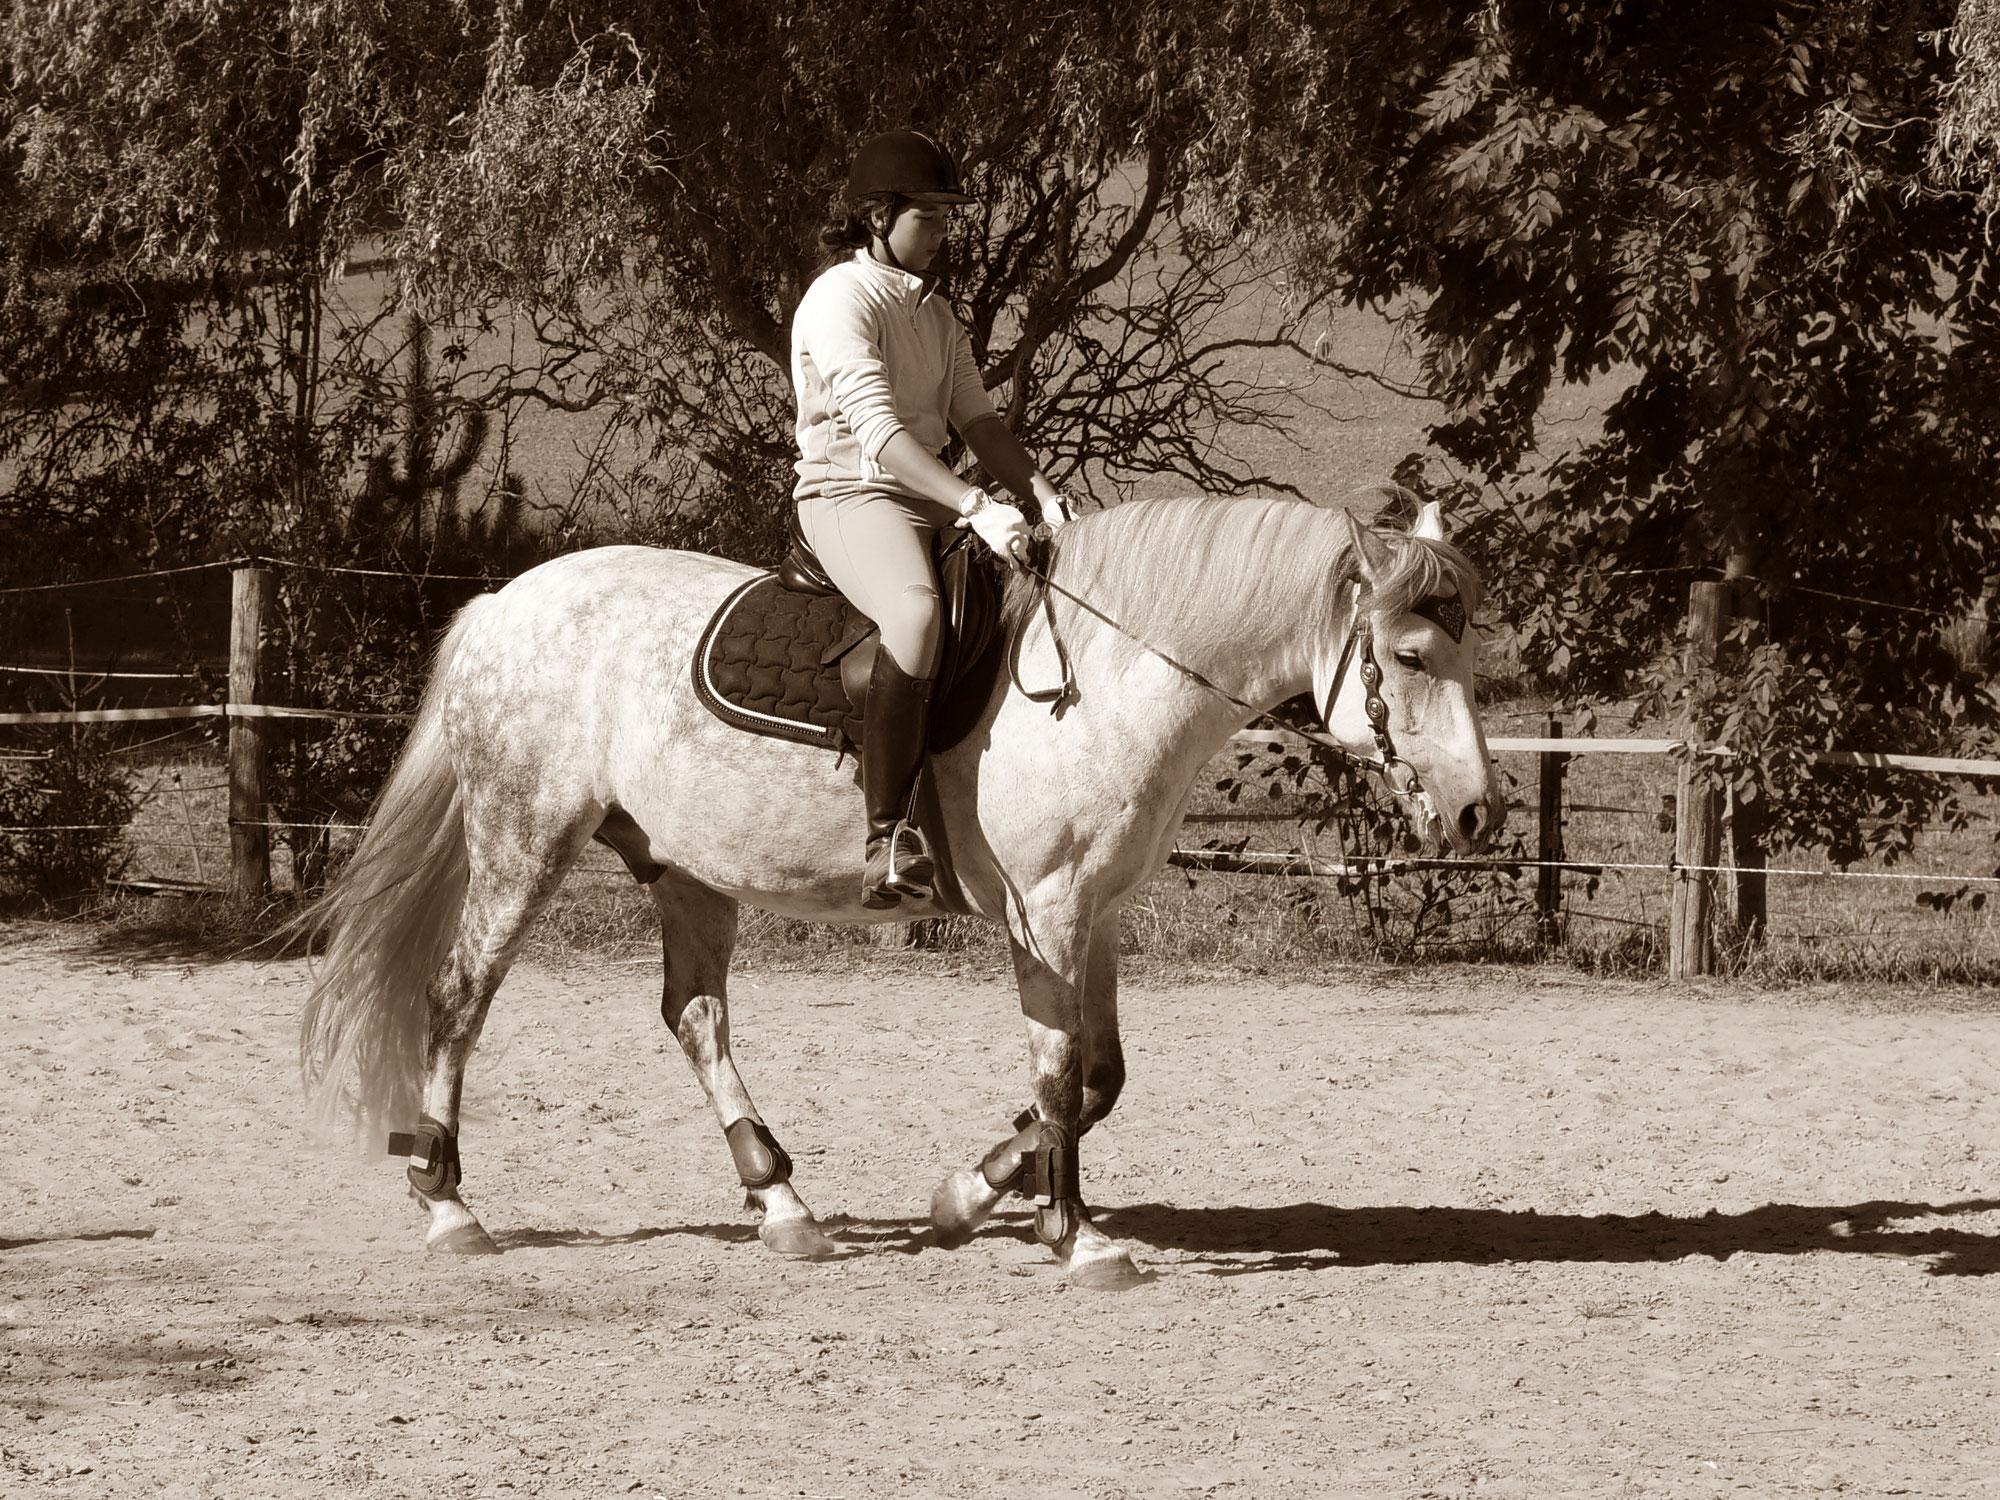 Schicksalsschläge - Reiterleben ist hart - Teil 2